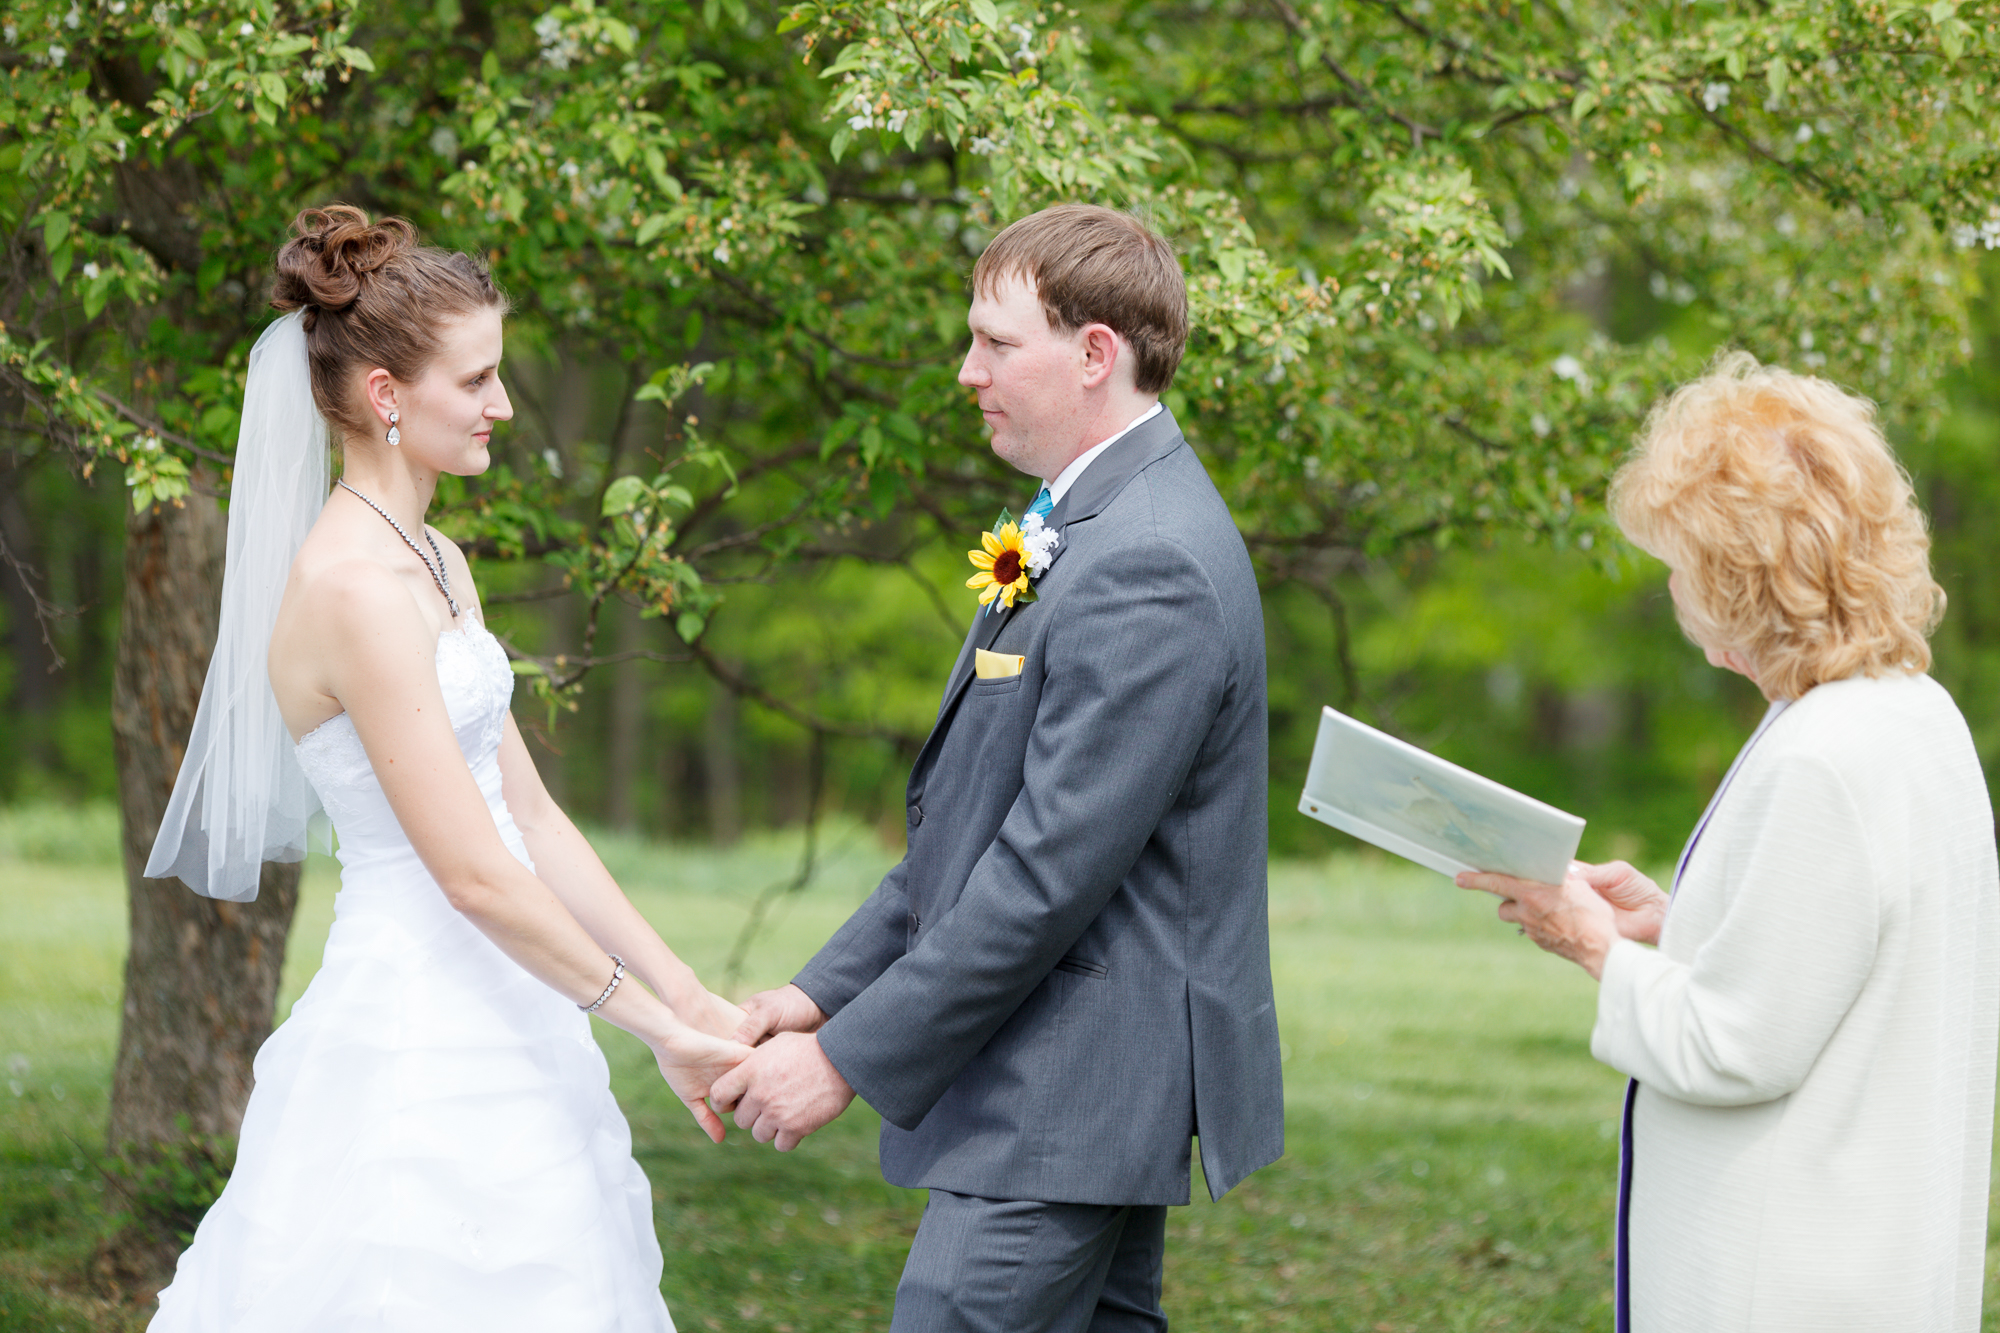 scranton-wedding-photography-zak-zavada-untitled shoot-1175.jpg